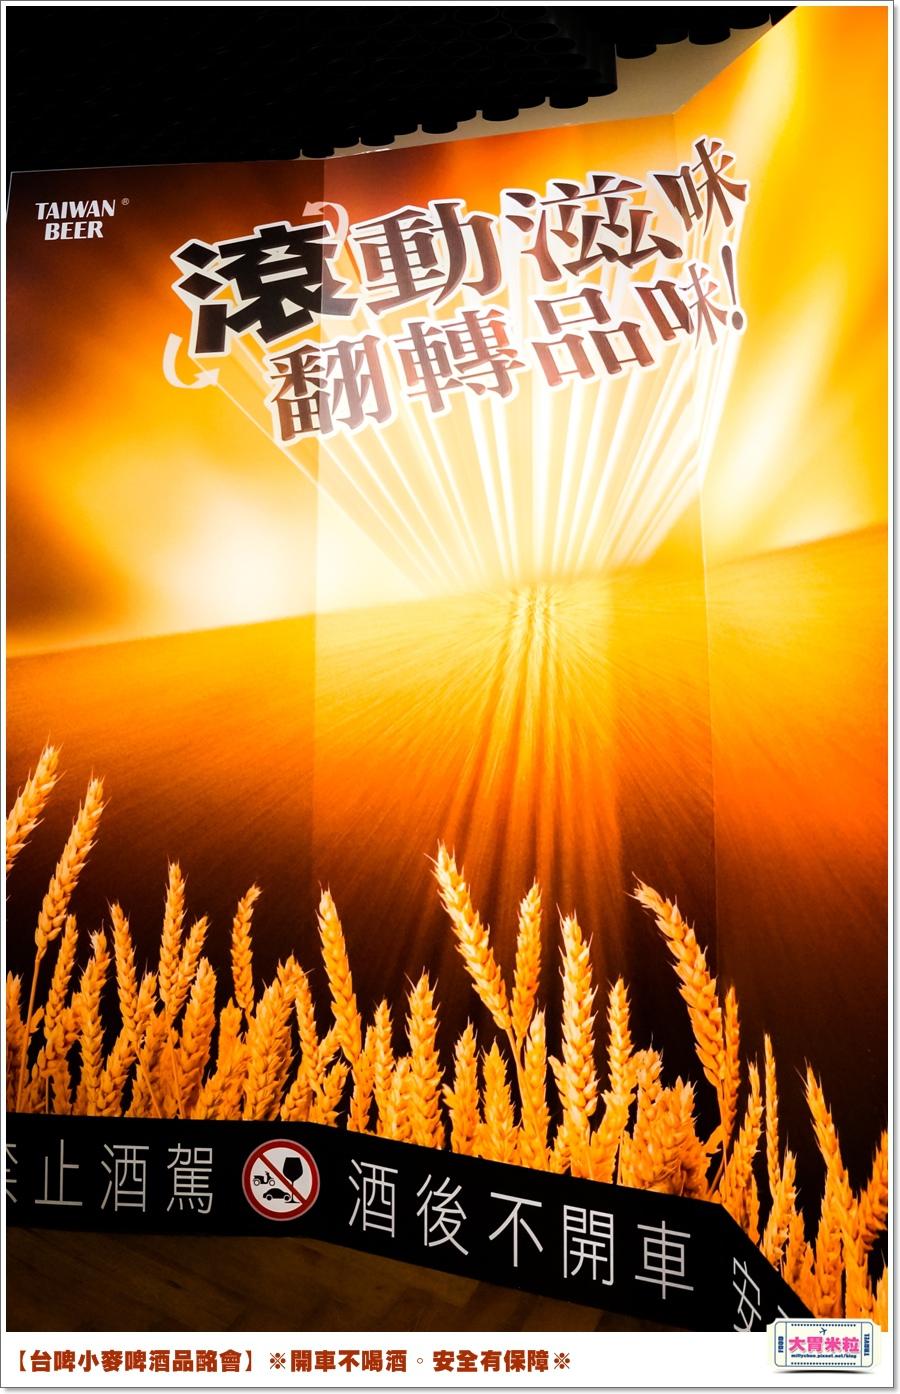 台啤小麥啤酒品酩會@大胃米粒0015.jpg